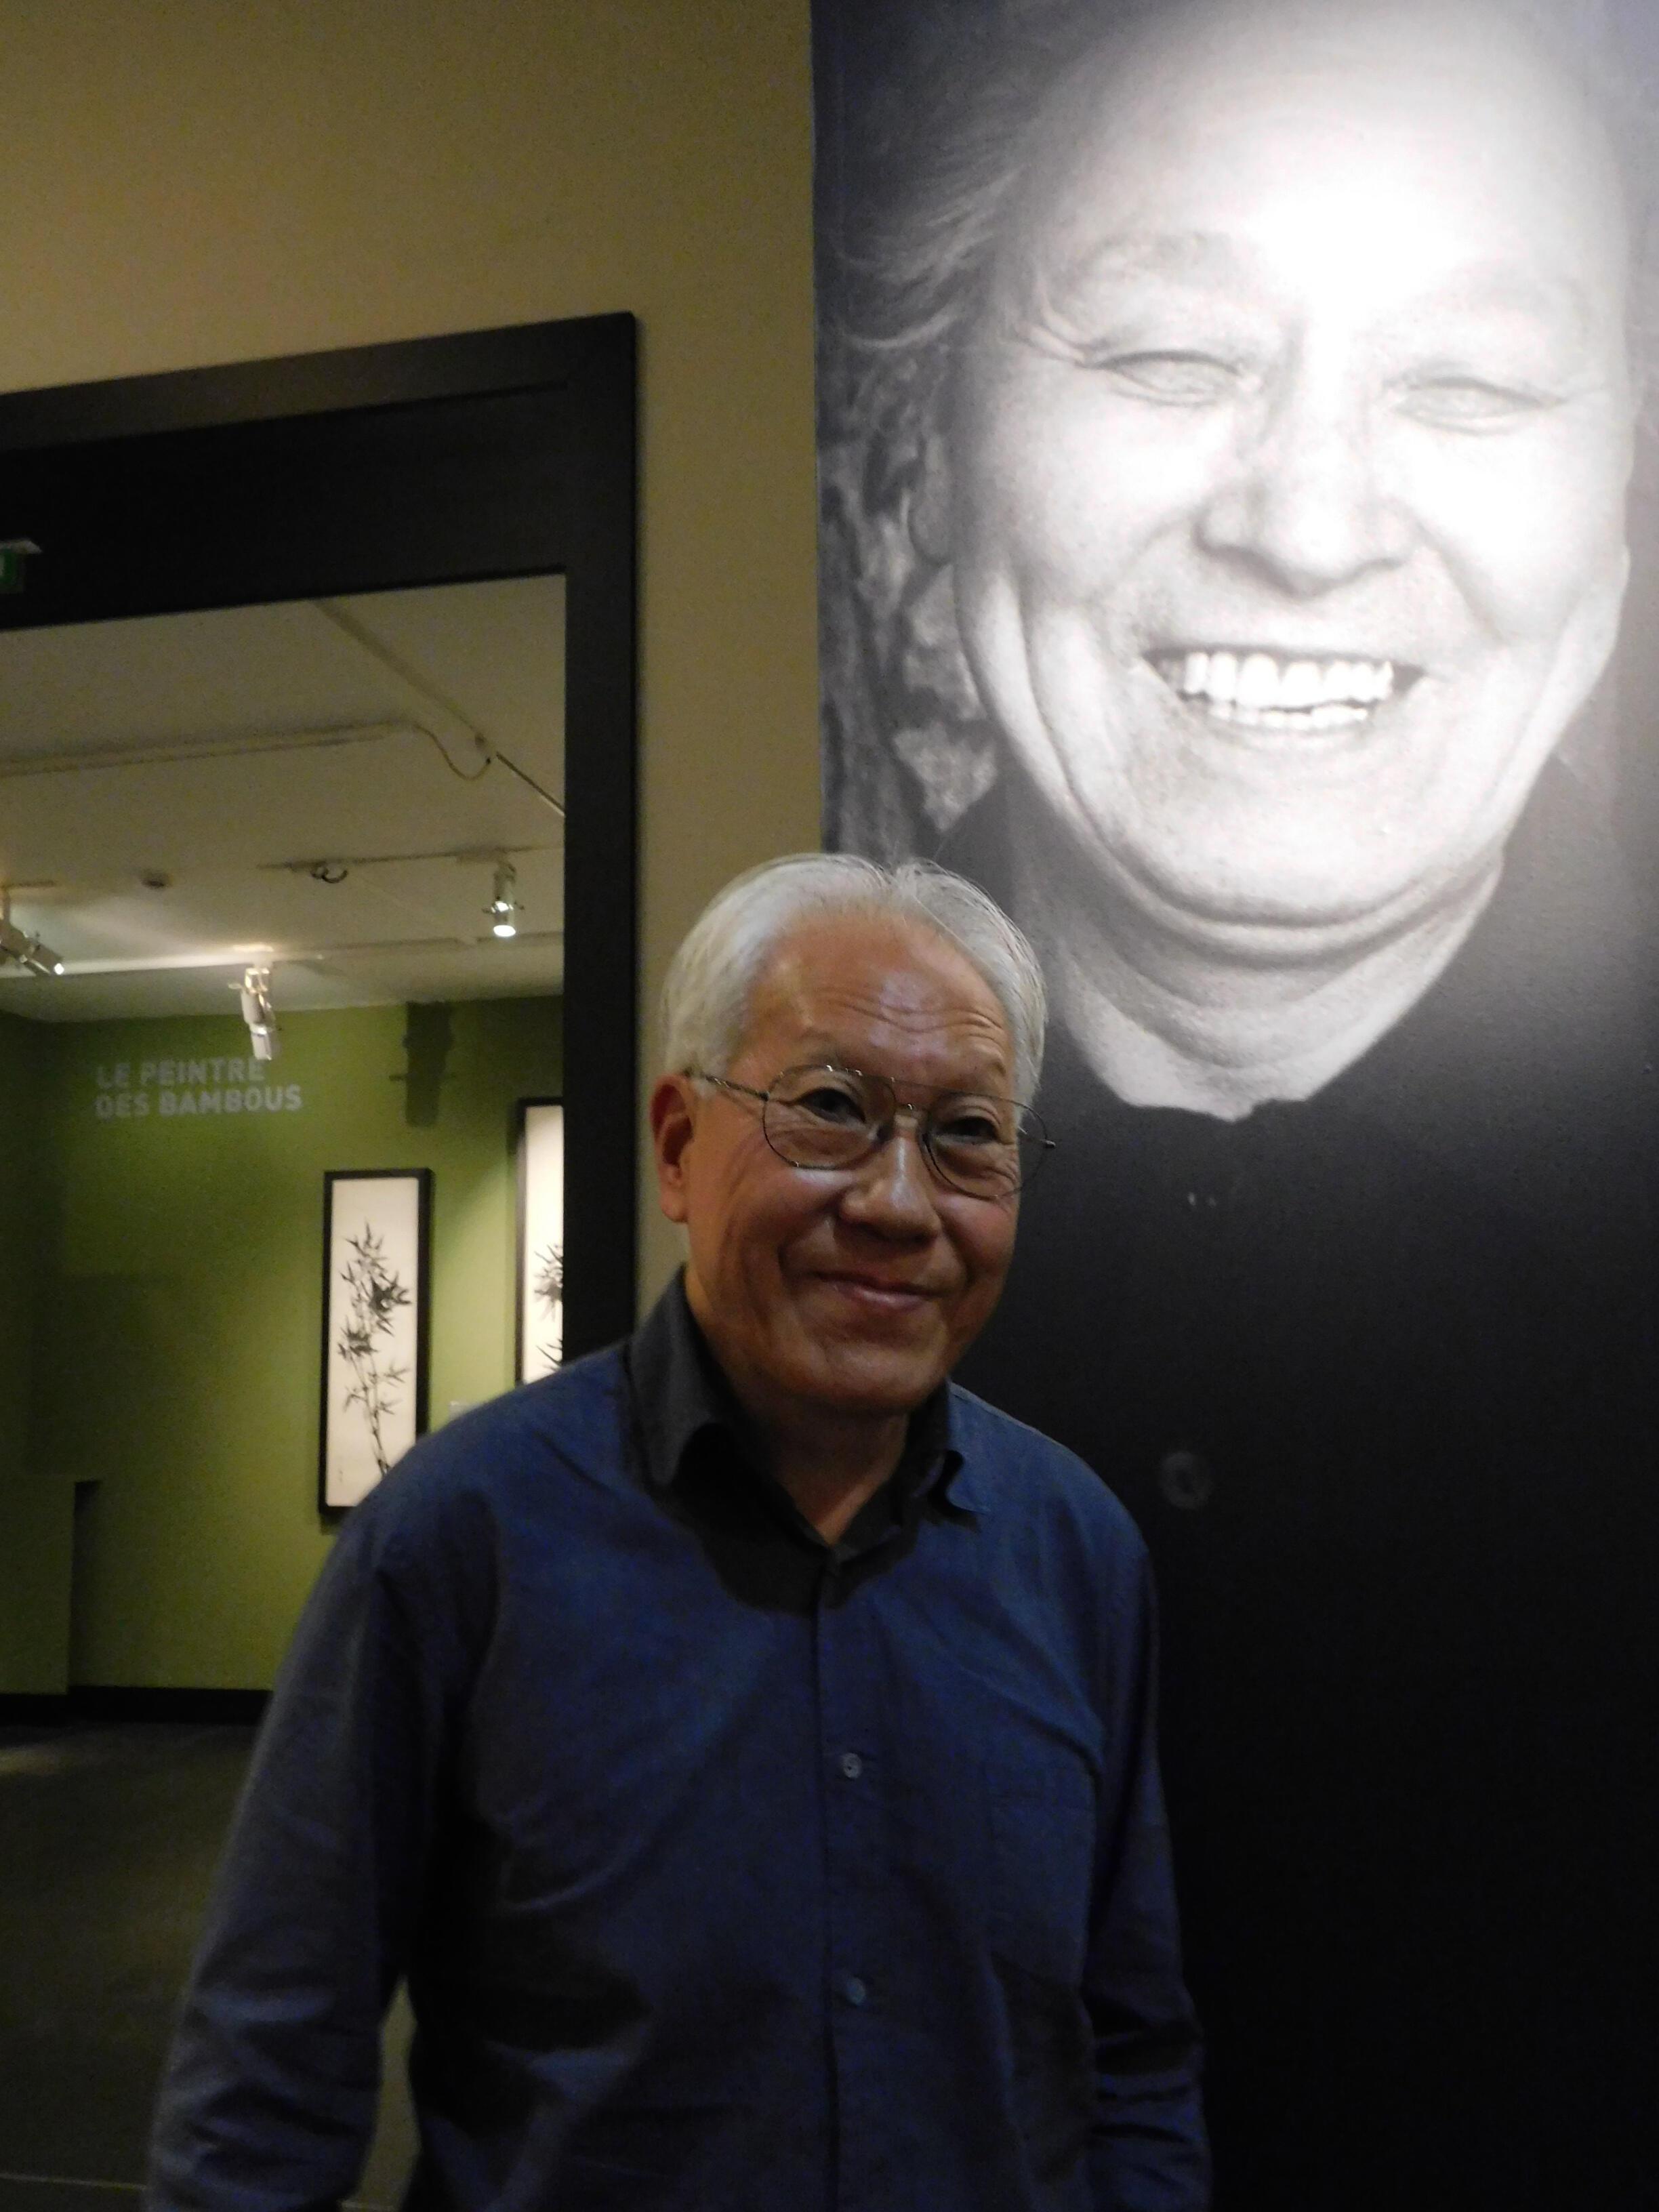 Le peintre Young-Sé Lee, sous le portrait de son père Lee Ungno au Musée Cernuschi.